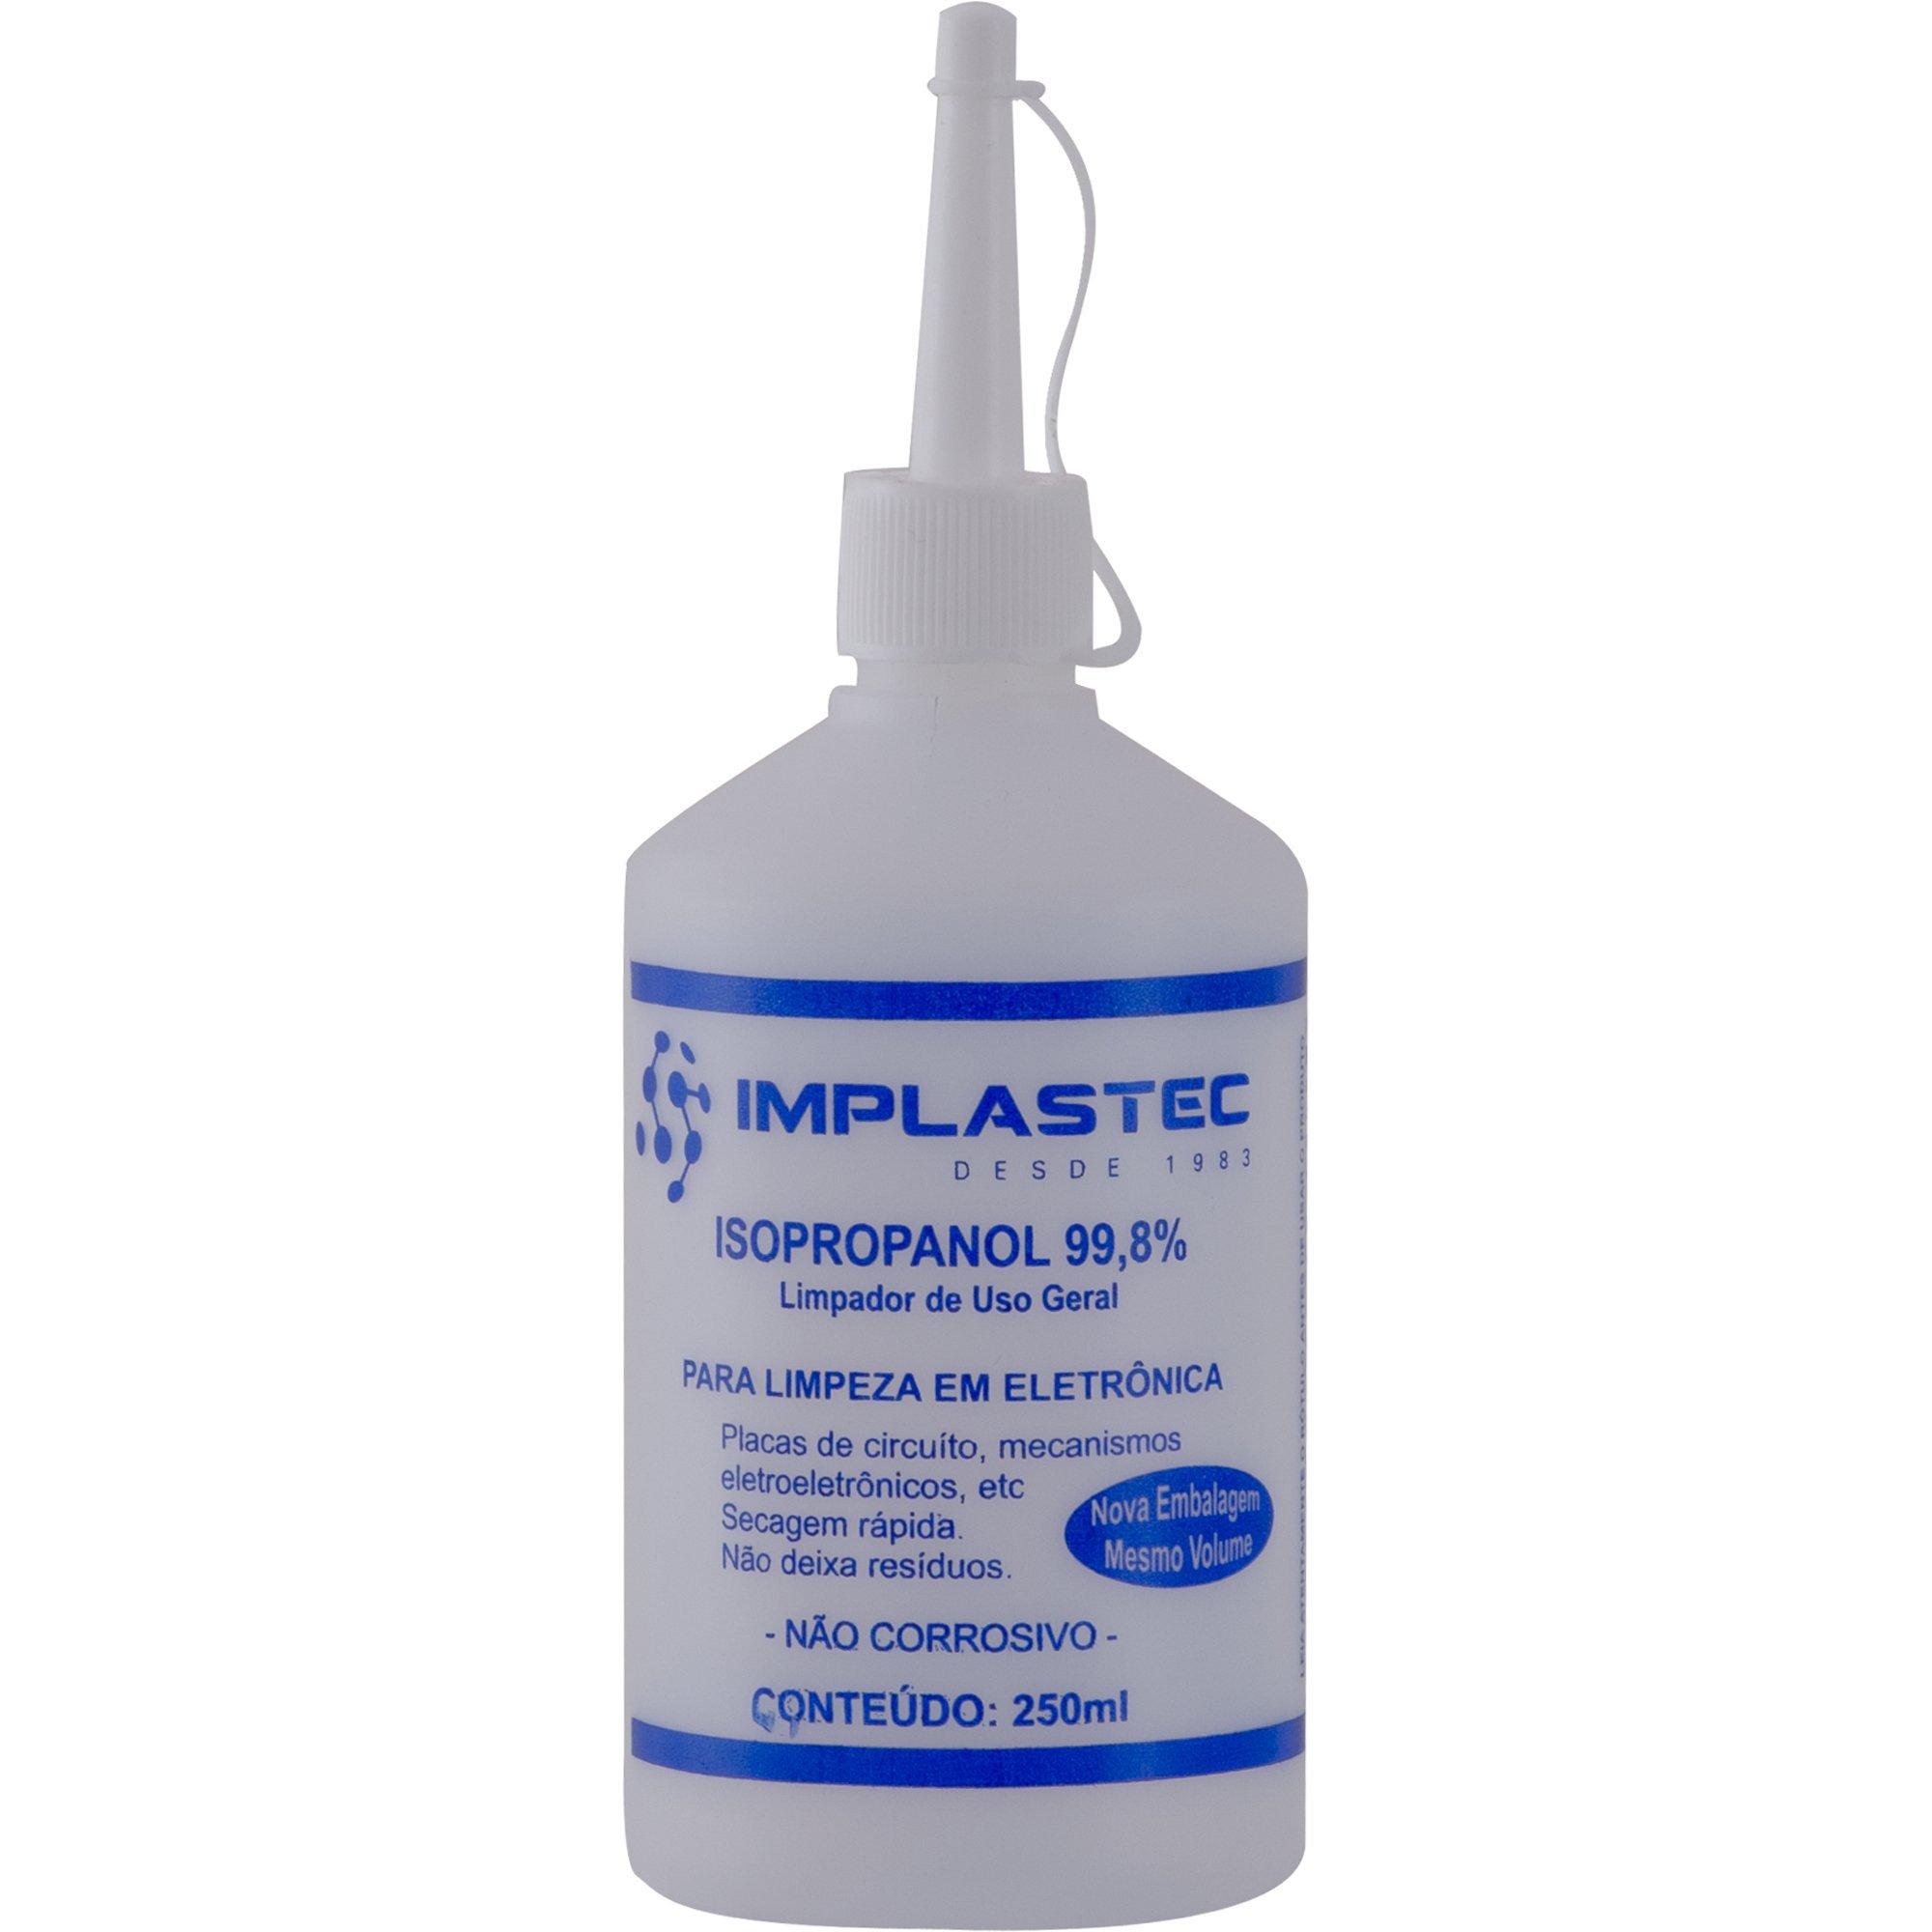 alcool isopropilico apenas 10 disponiveis implastec 250ml isopropanol 24843 2000 191032